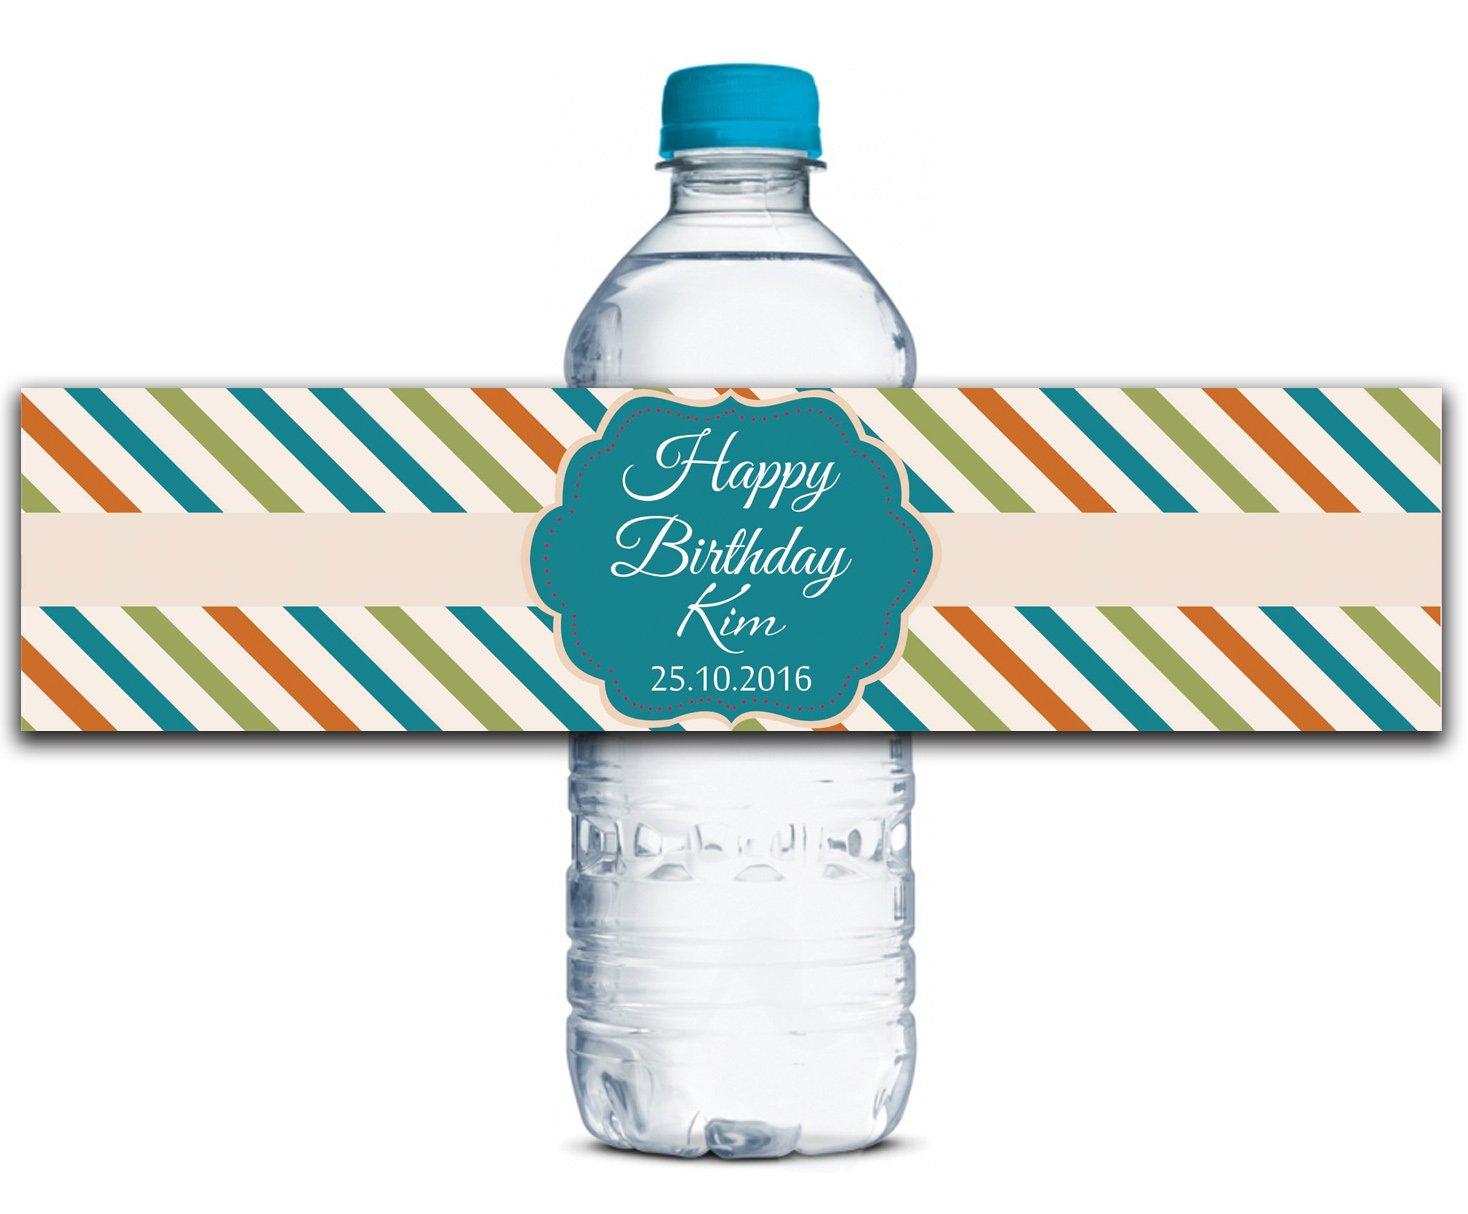 Personalisierte Wasserflasche Etiketten Selbstklebende Selbstklebende Selbstklebende wasserdichte Kundenspezifische Geburtstags-Aufkleber 8  x 2  Zoll - 50 Etiketten B01A0W49U4 | Verschiedene Stile und Stile  6ea35e